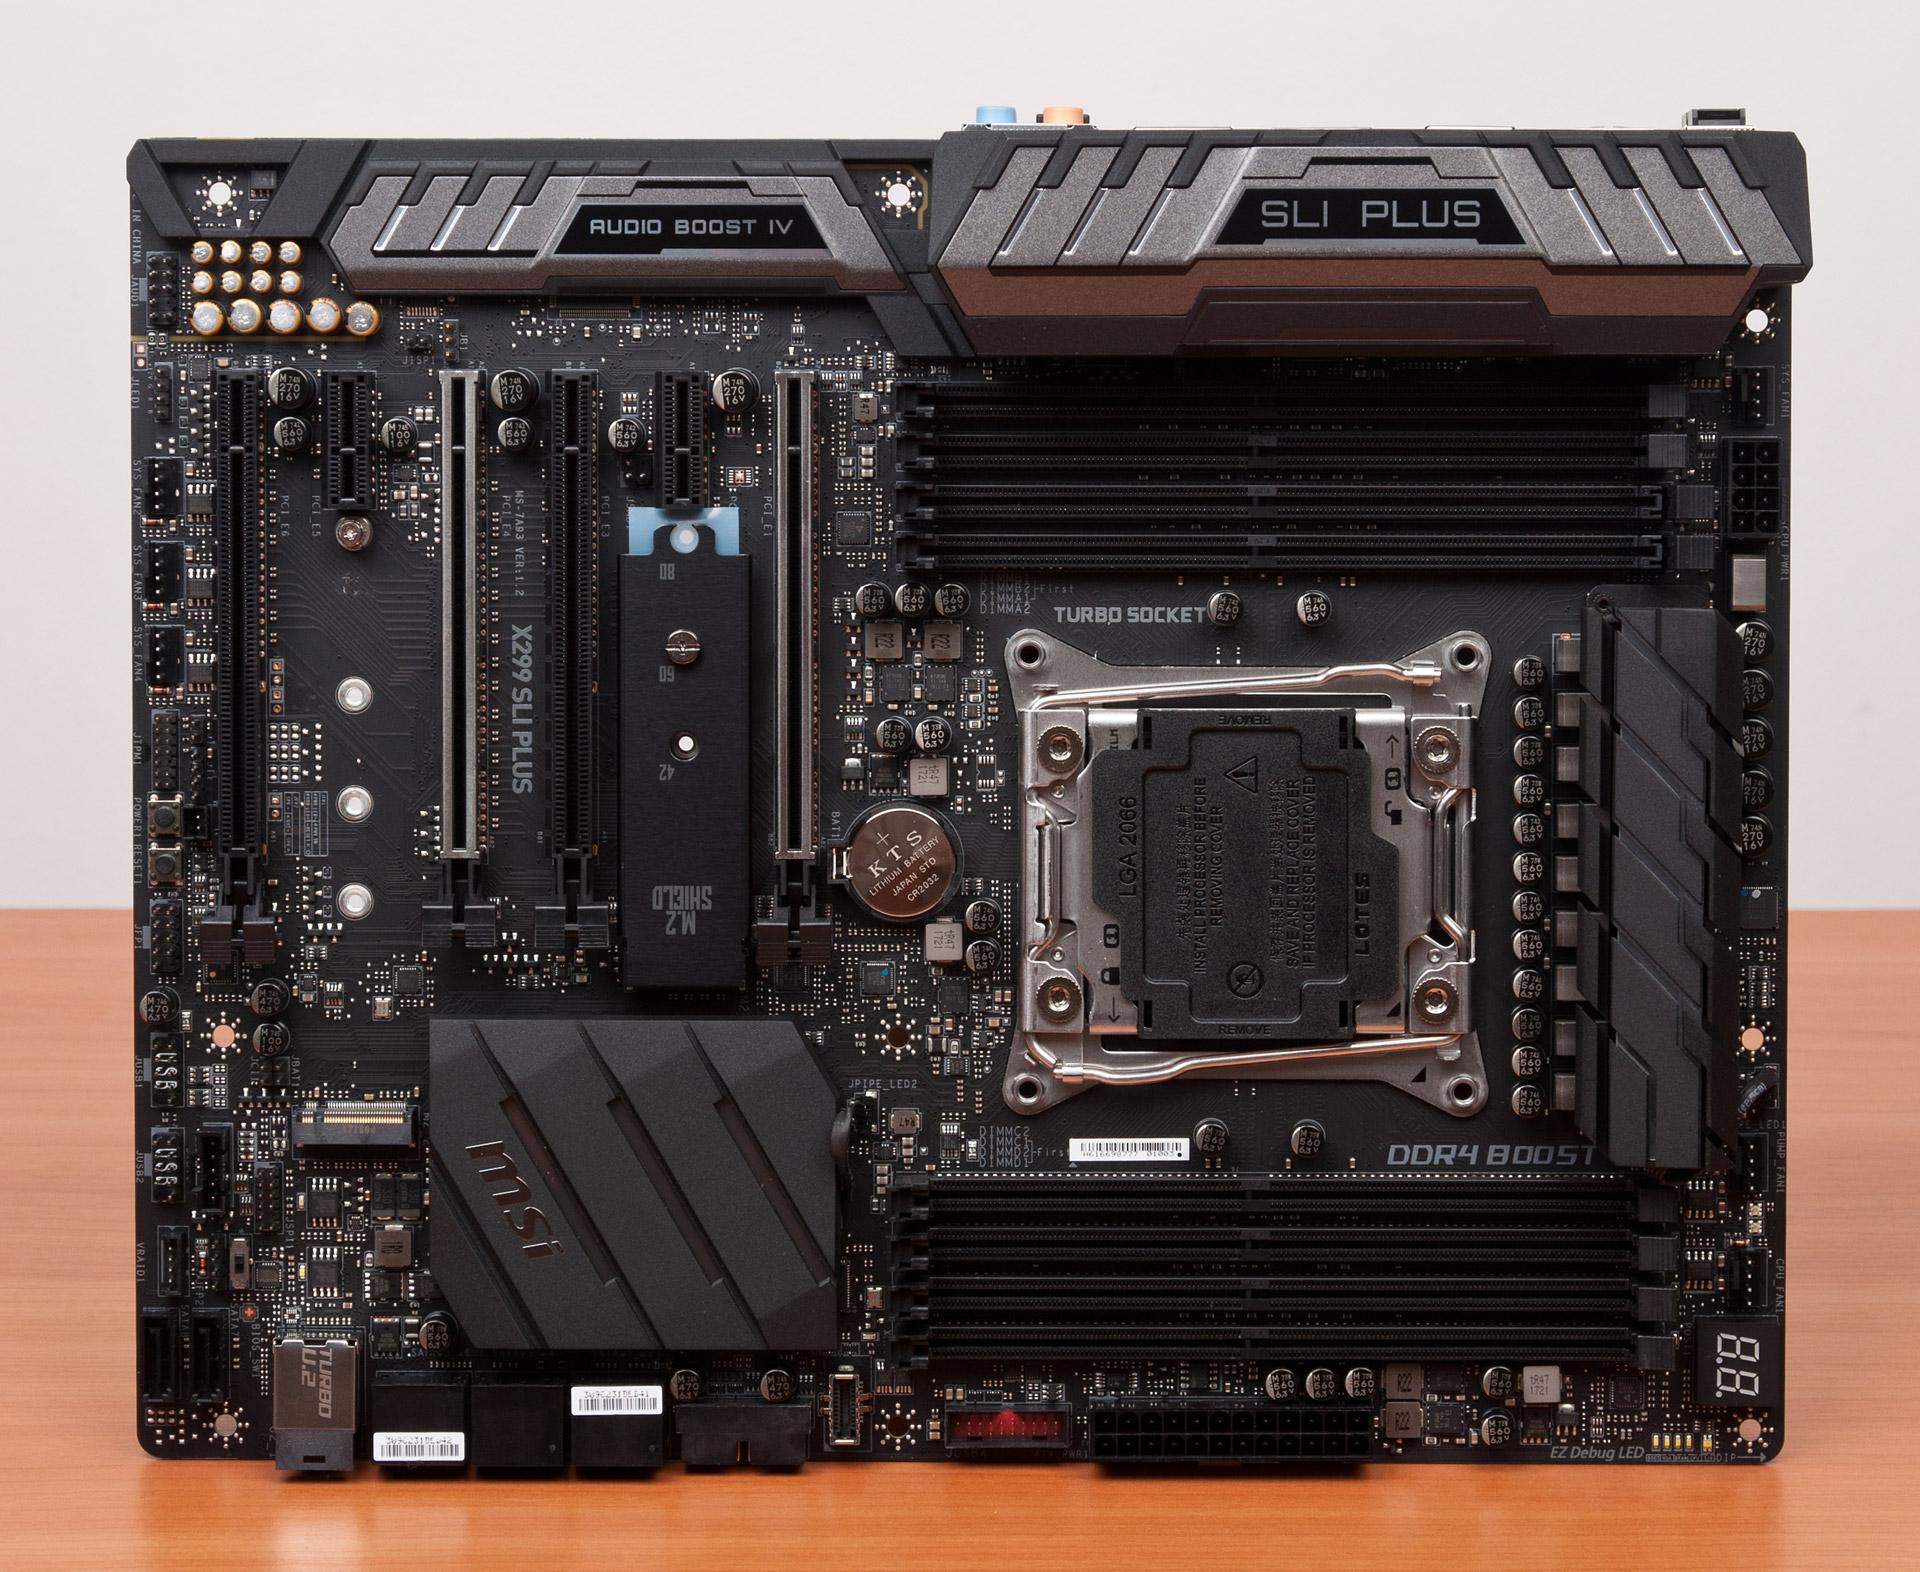 Внешний вид MSI X299 SLI Plus